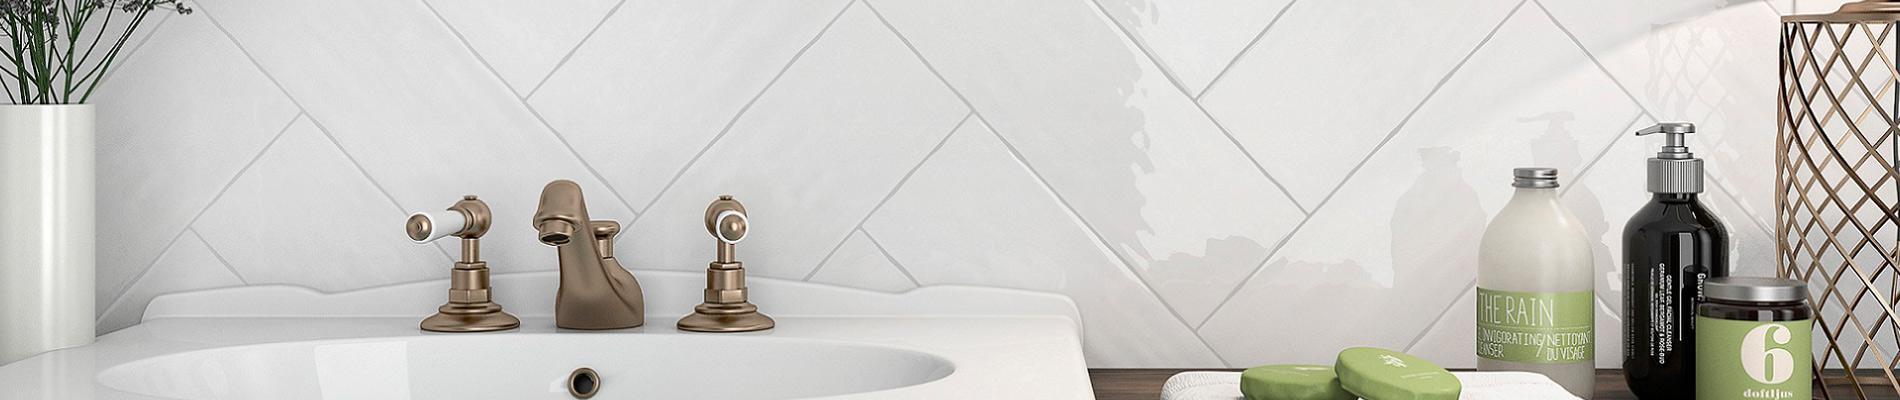 ceramic tile ceramic tileworks